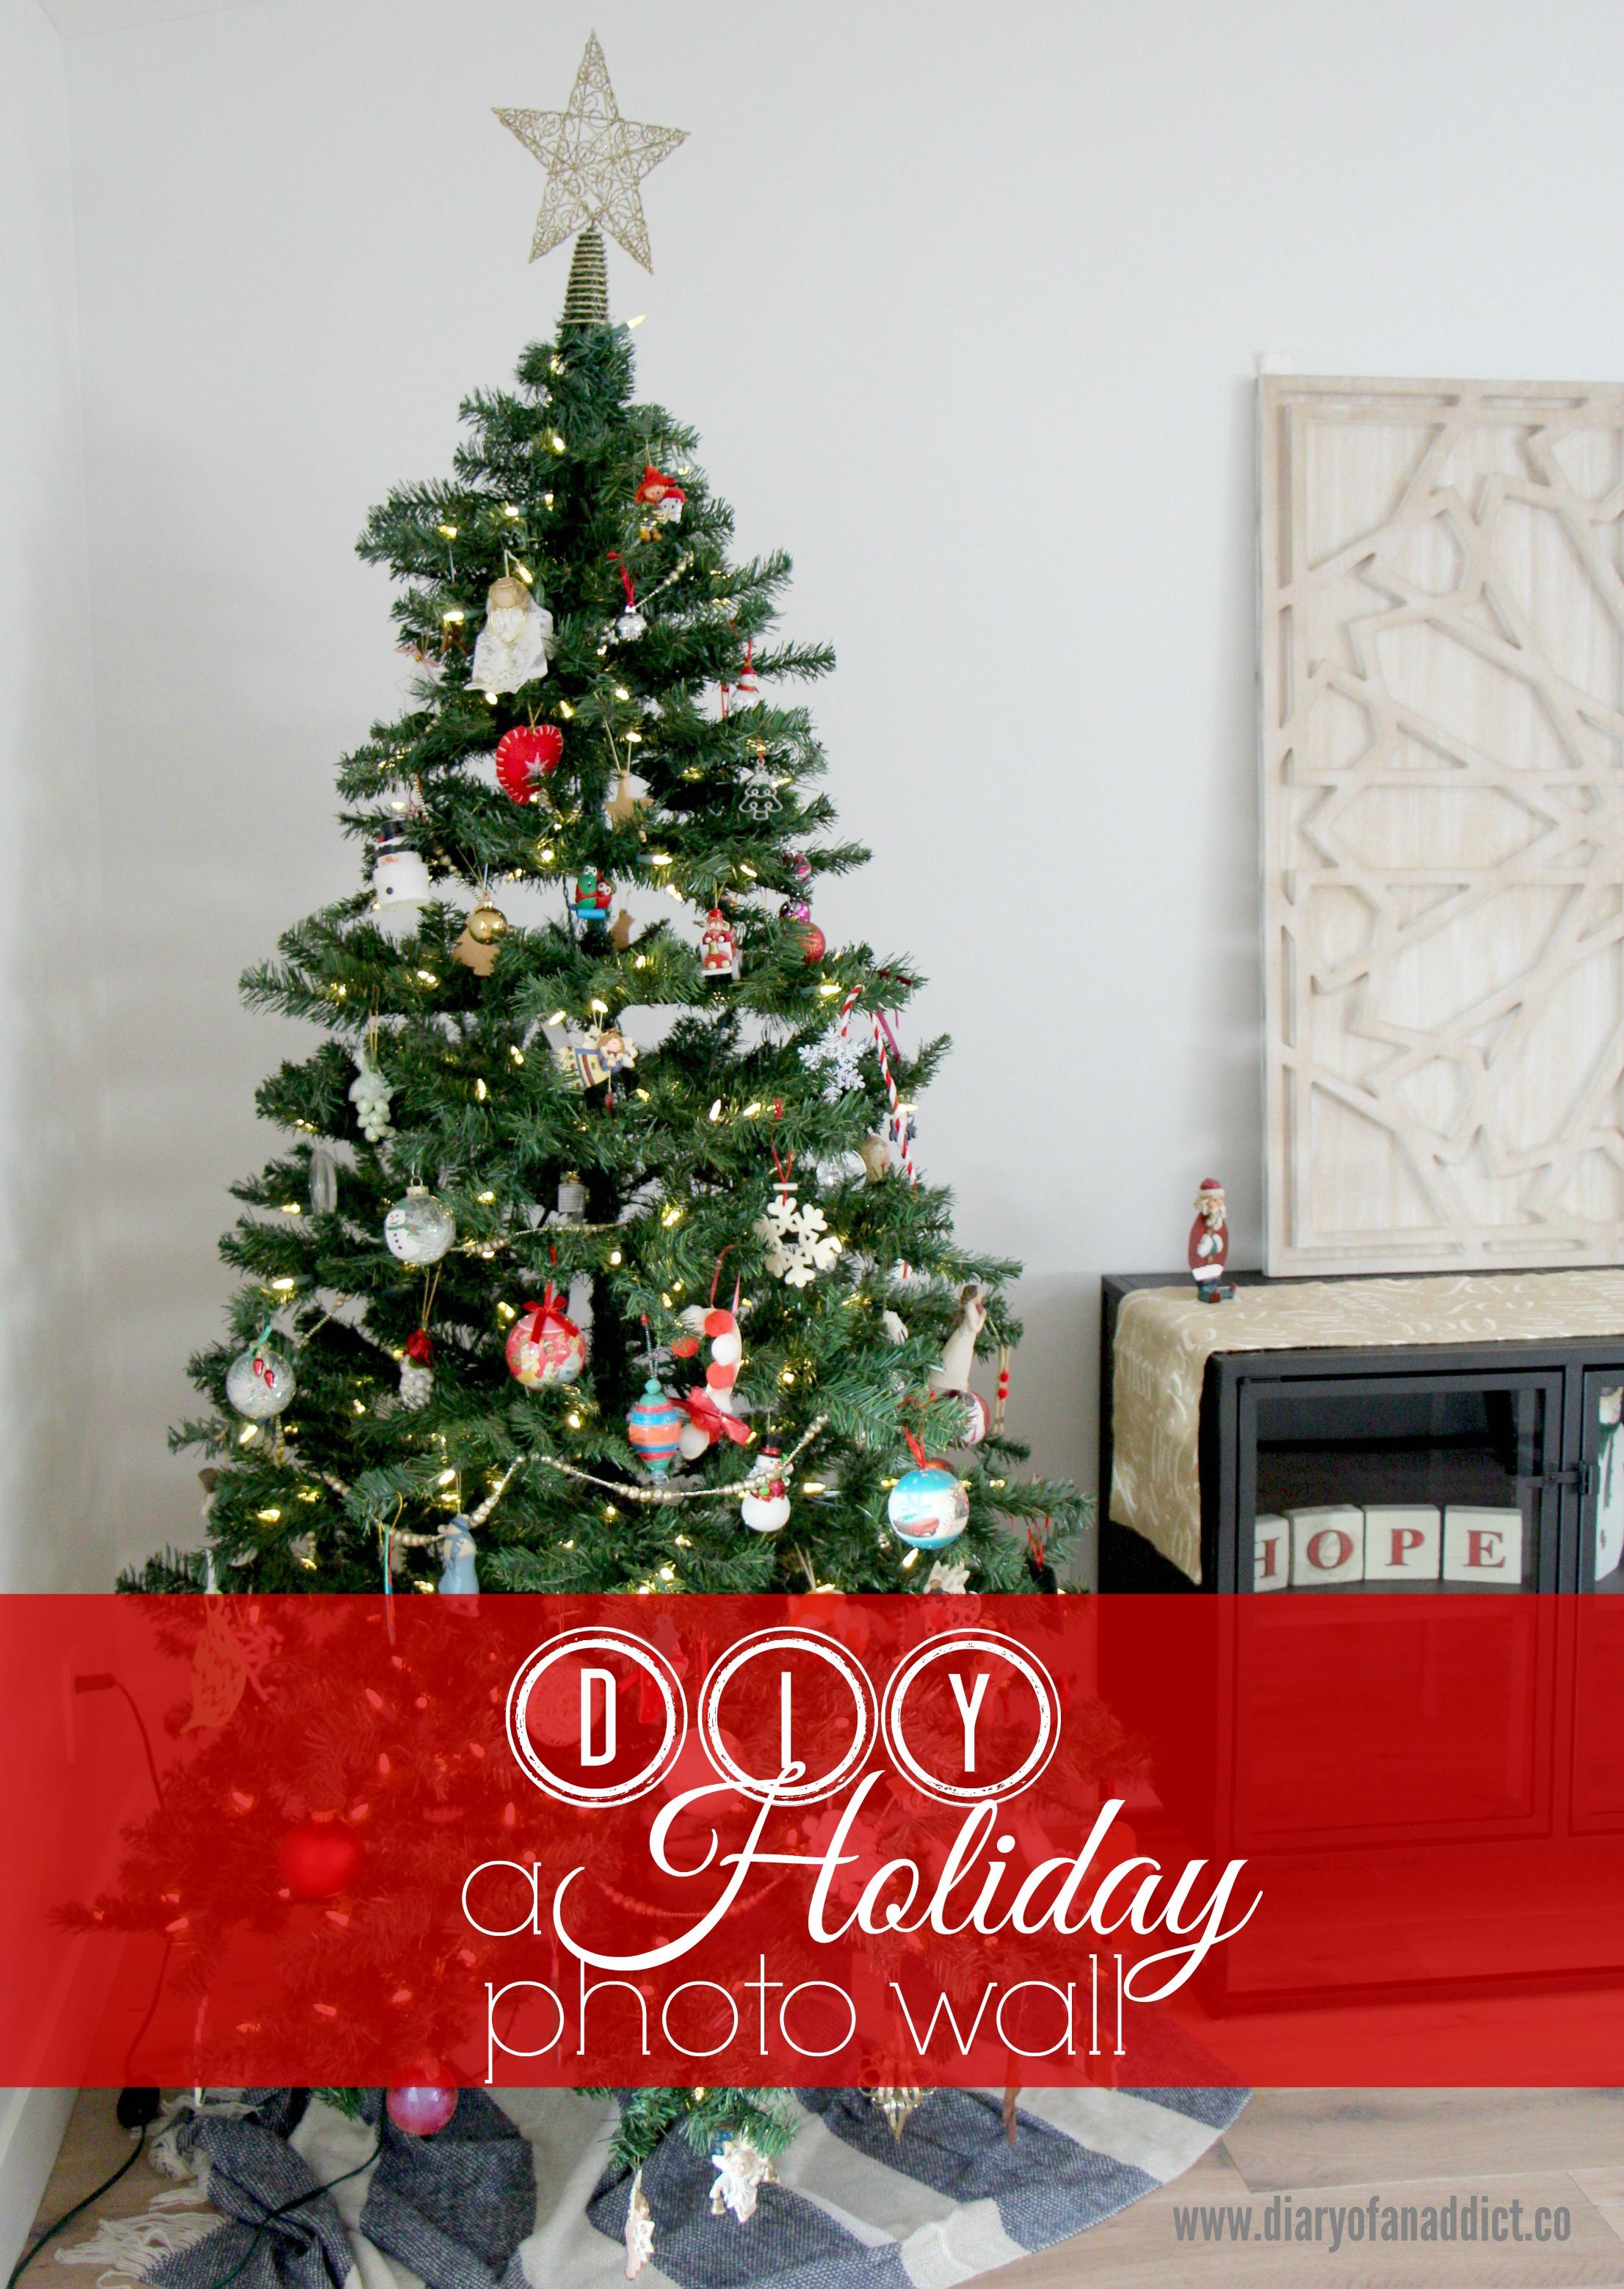 diy-a-holiday-photo-wall